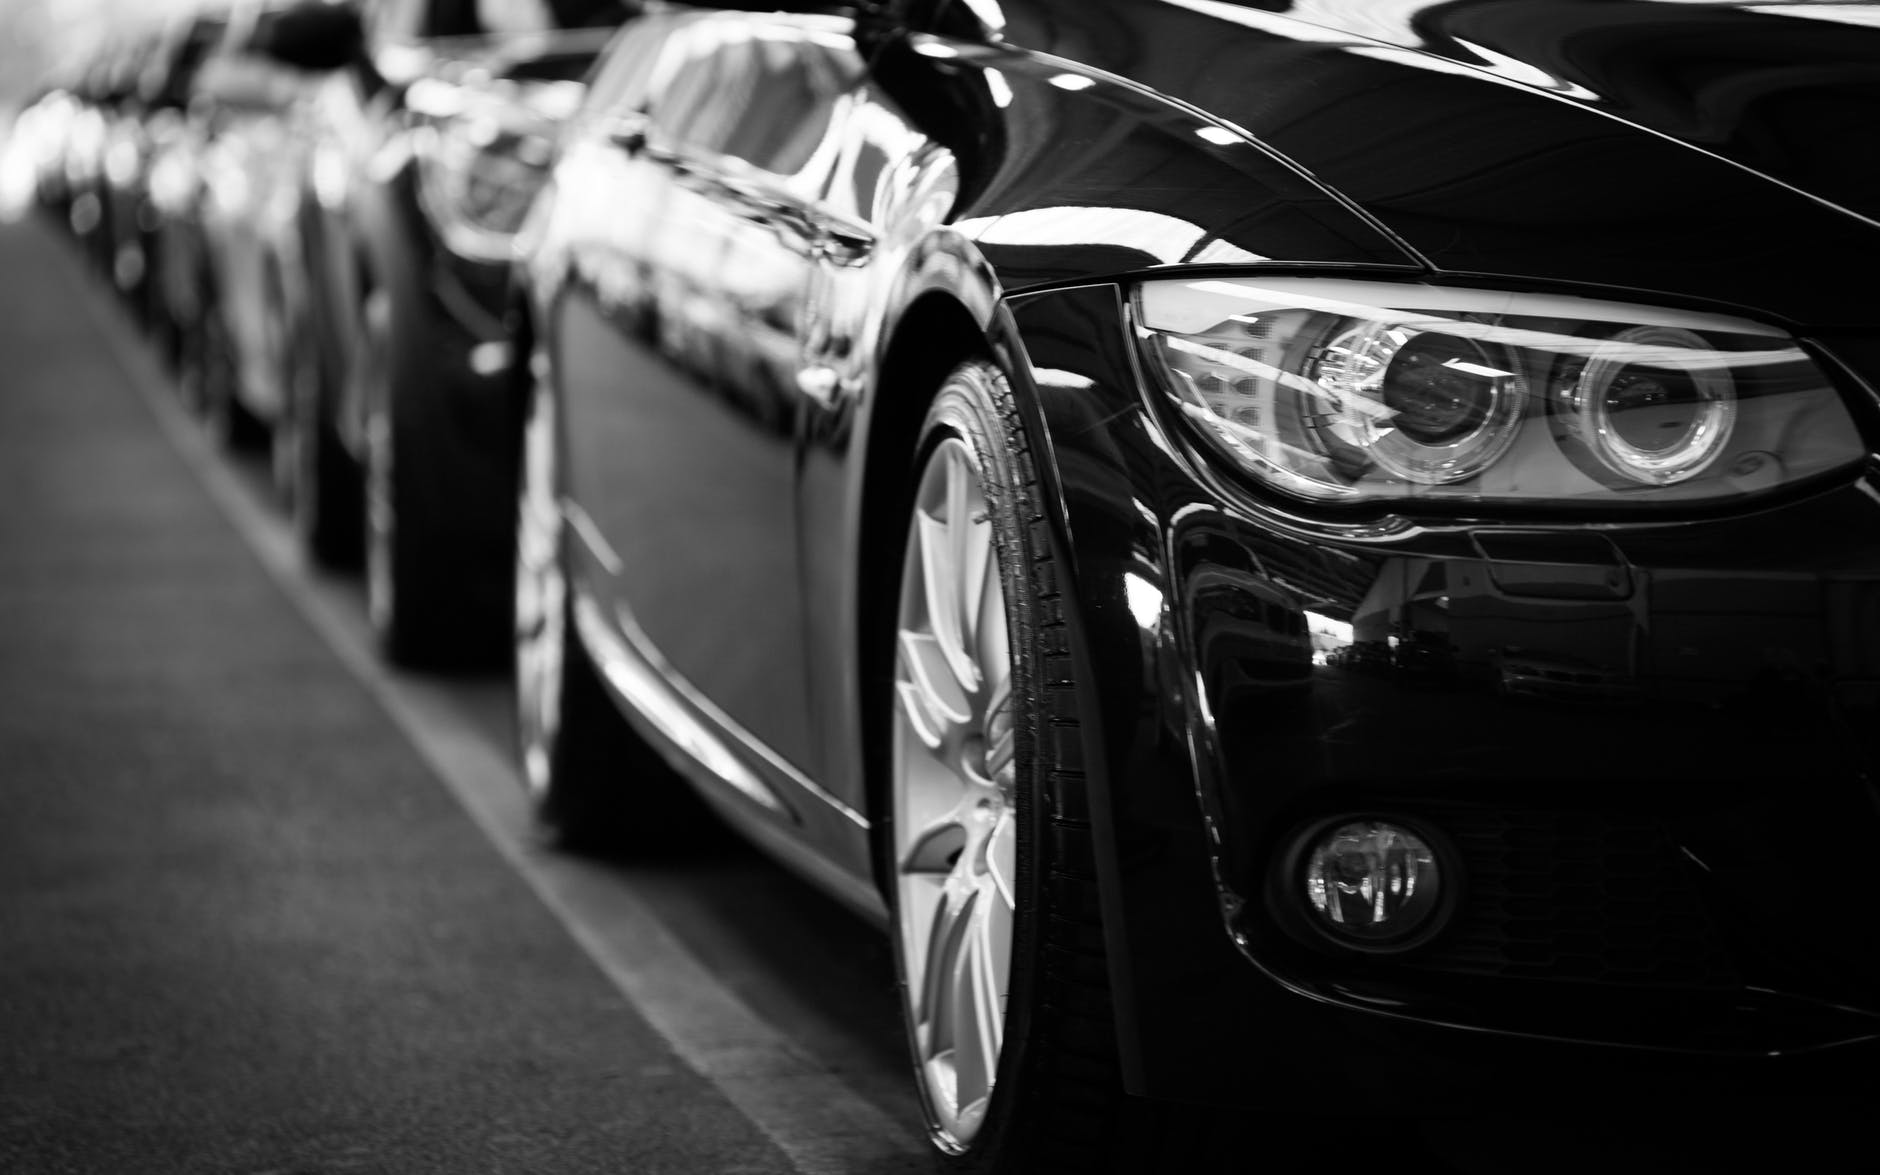 Sähköautojen vallankumous voi viedä pidempään kuin yleisesti kuvitellaan